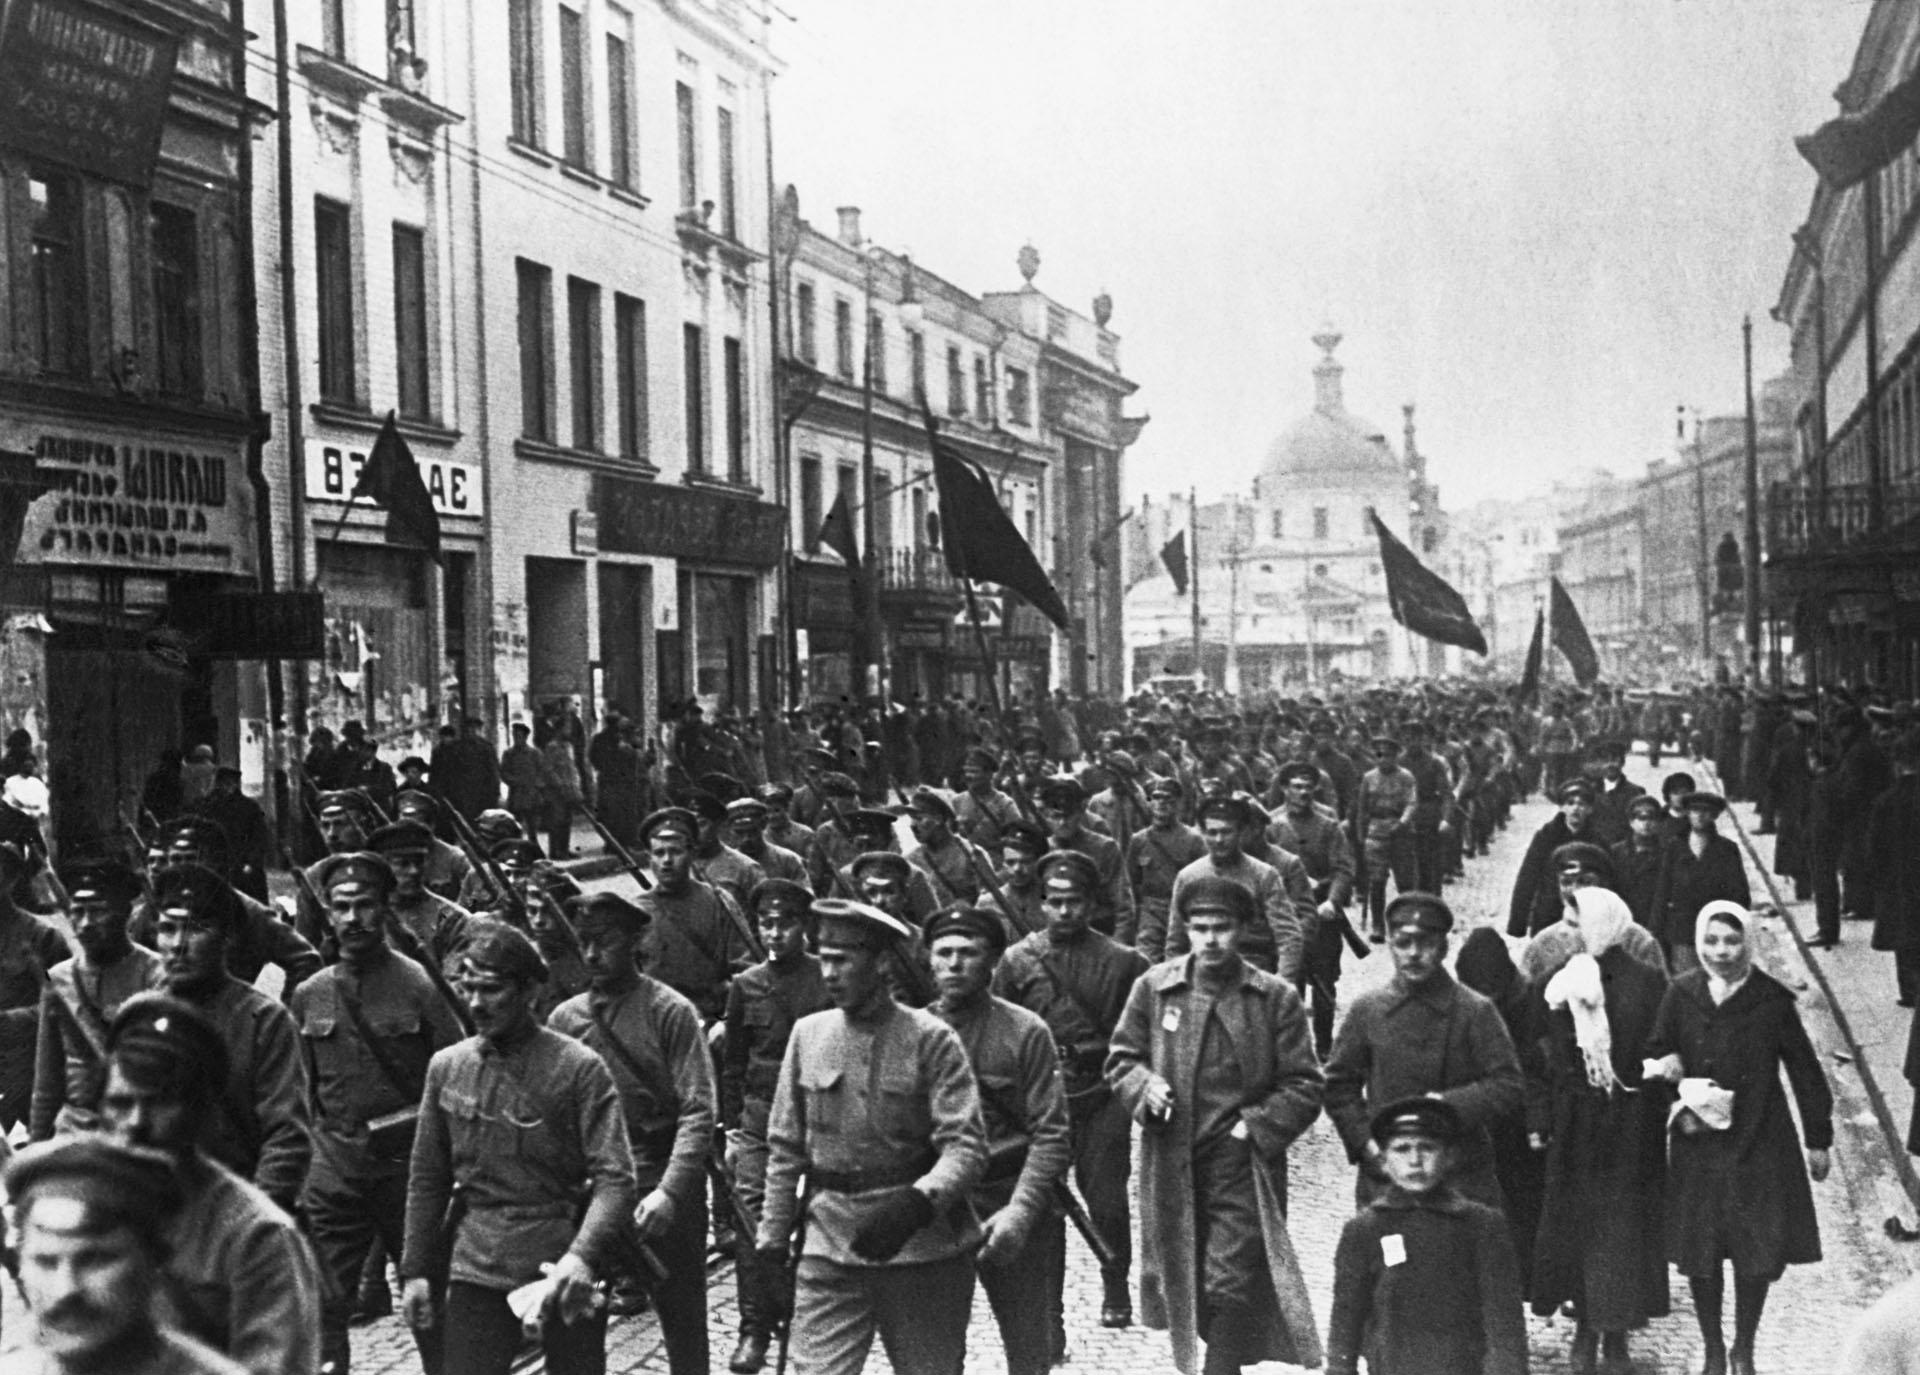 Soldados bolcheviques marchan por las calles de Moscú en octubre de 1917